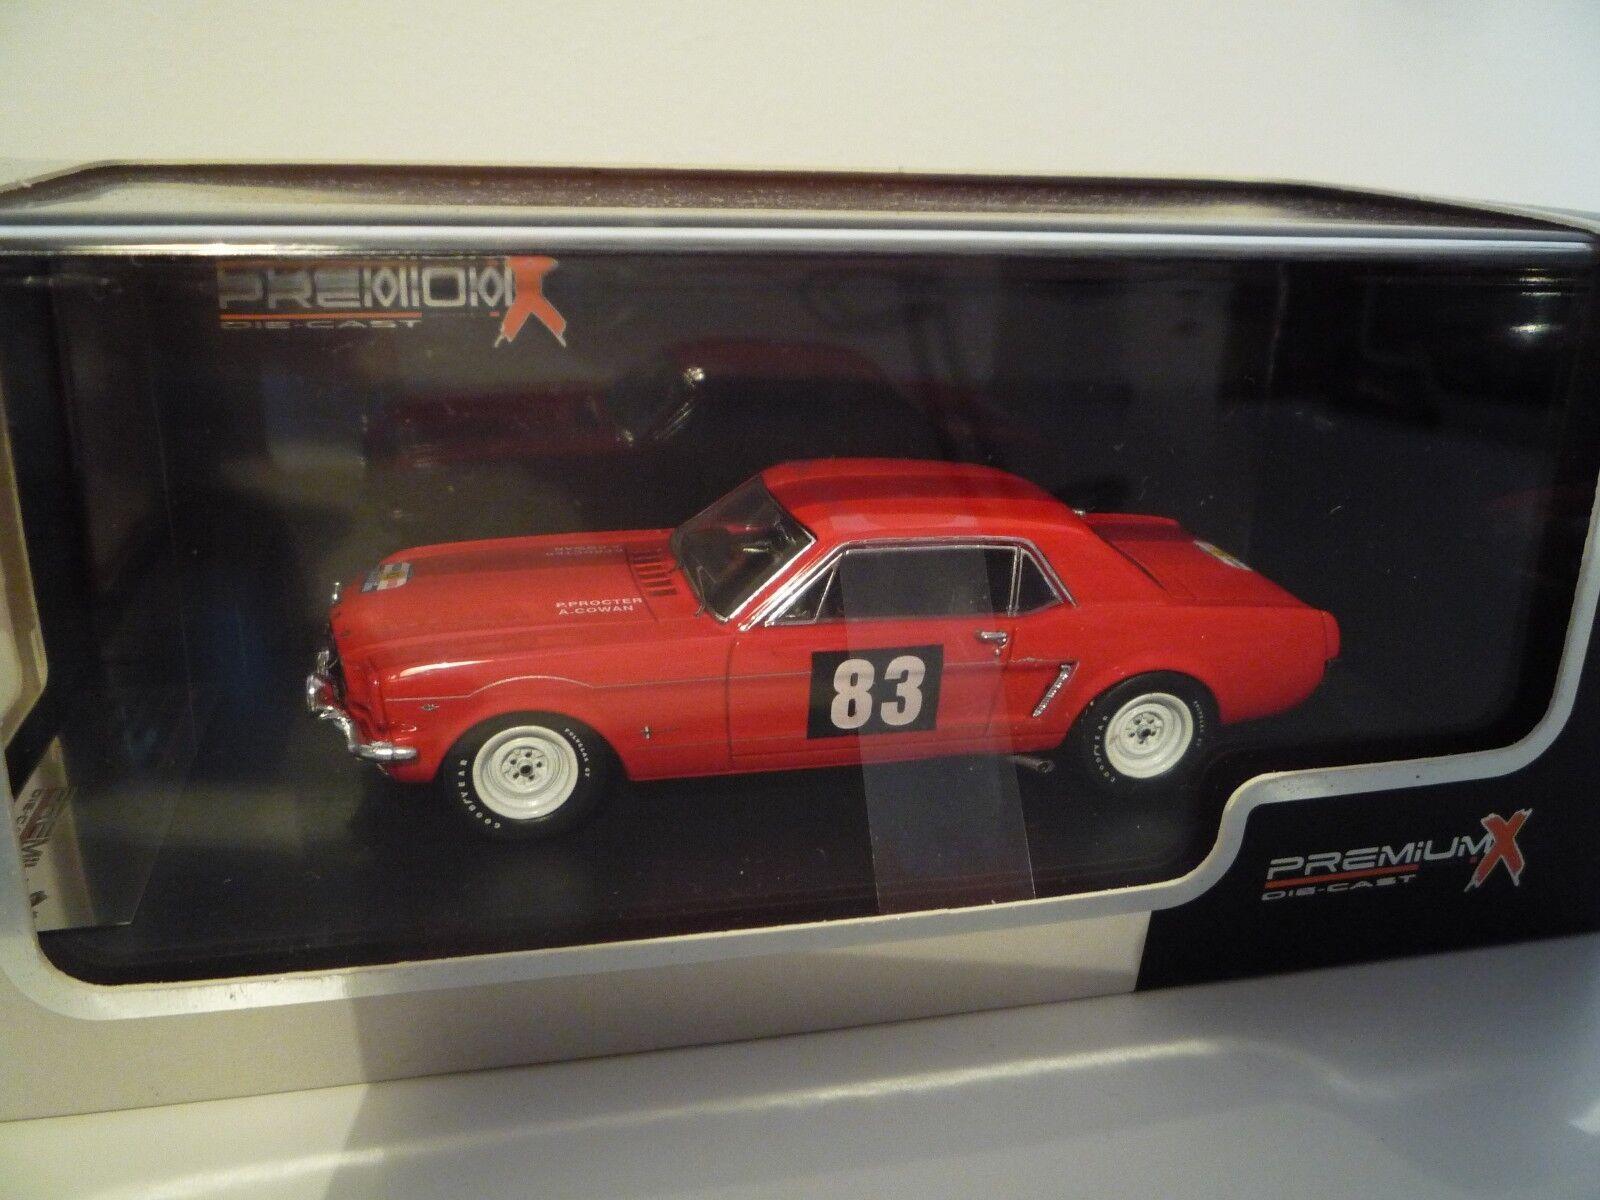 PREMIUM X PRD310 Ford Mustang Winner Tour de france 1964